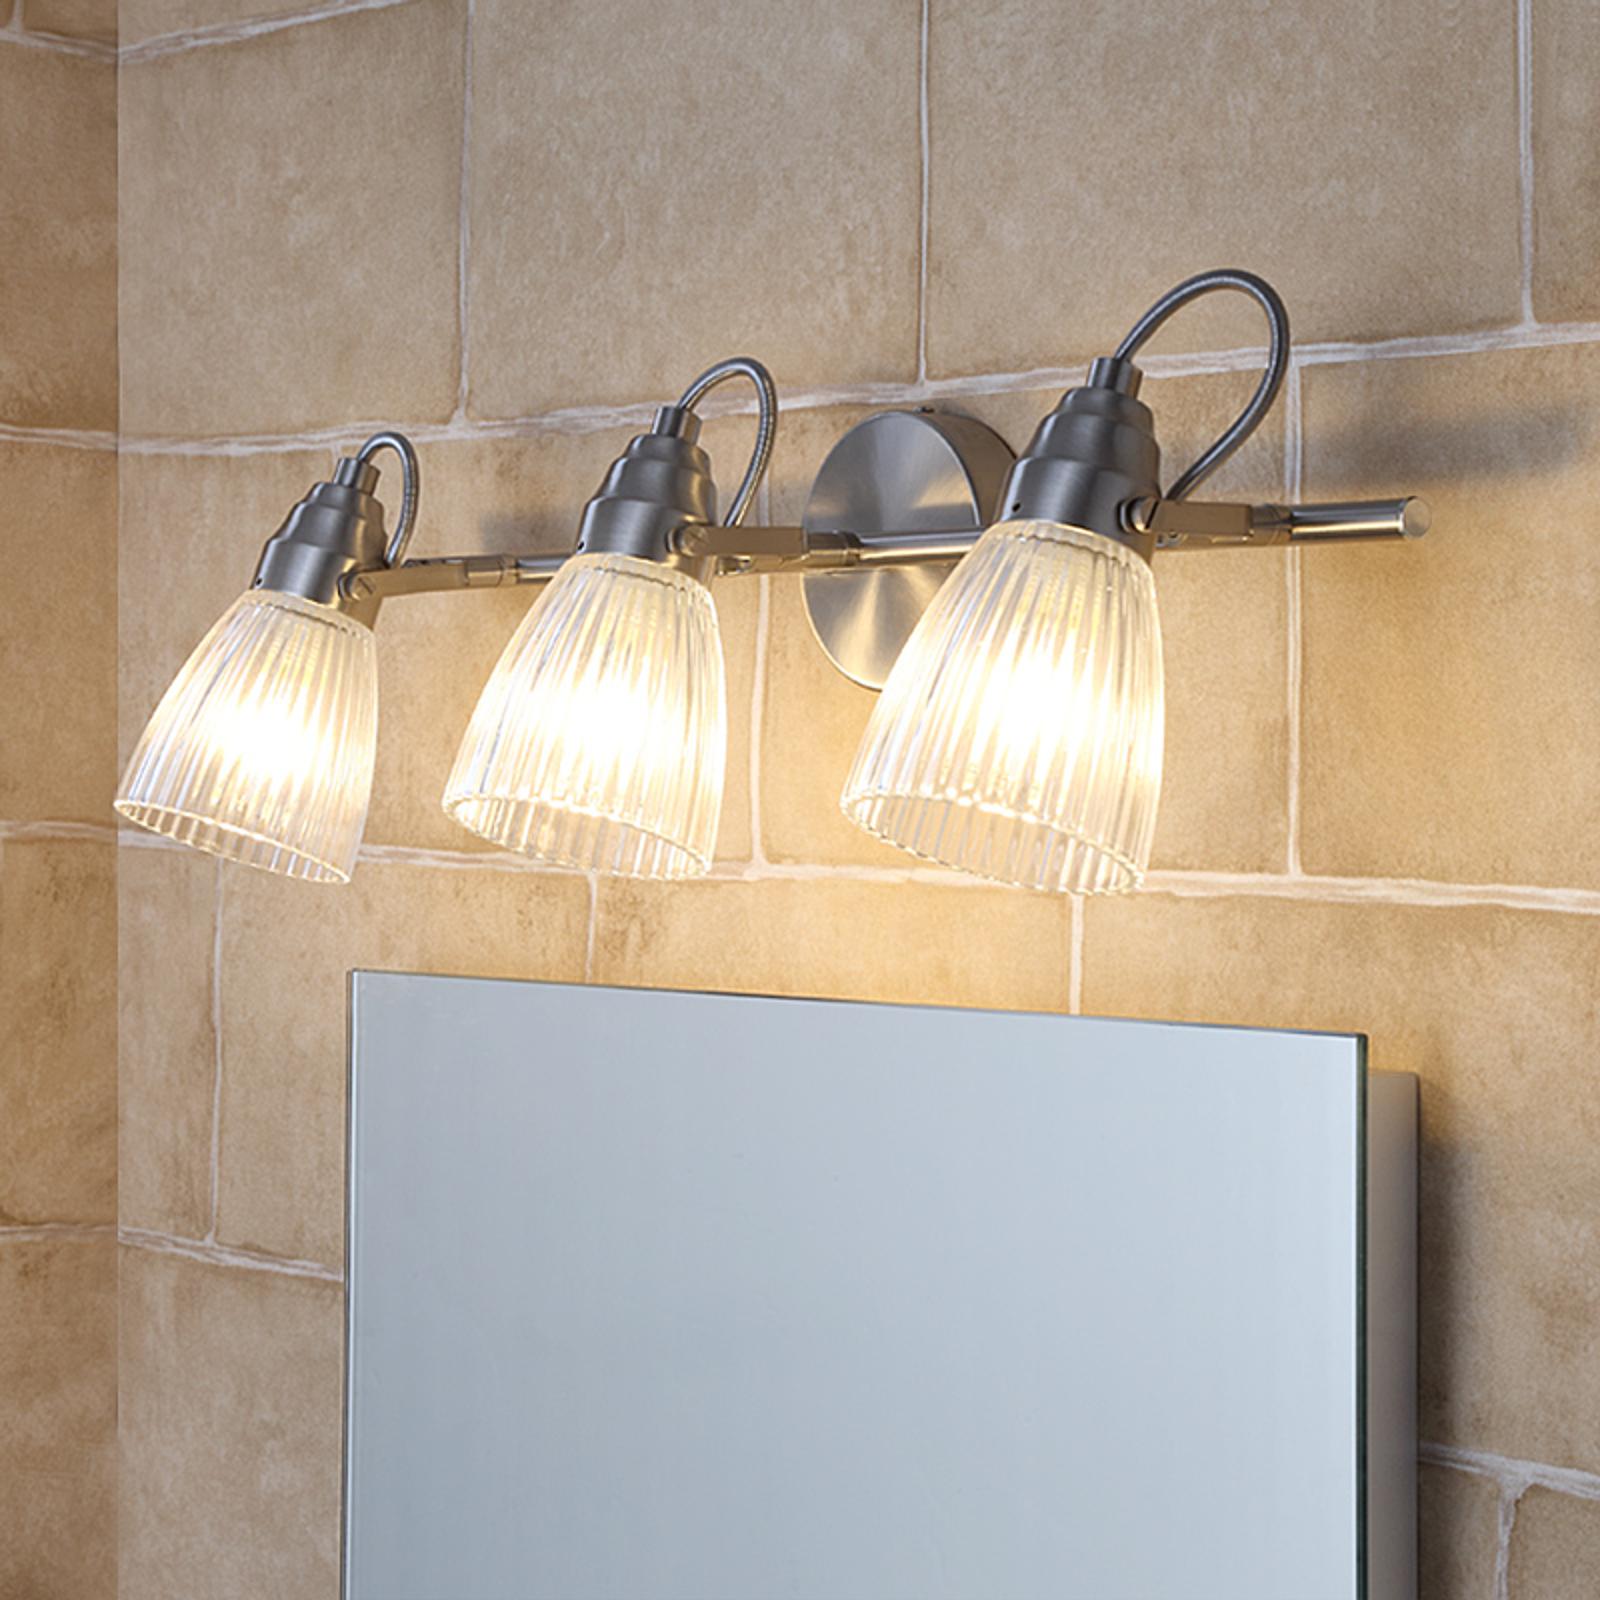 Badrumsväggspot Kara med G9-LED, 3 lampor